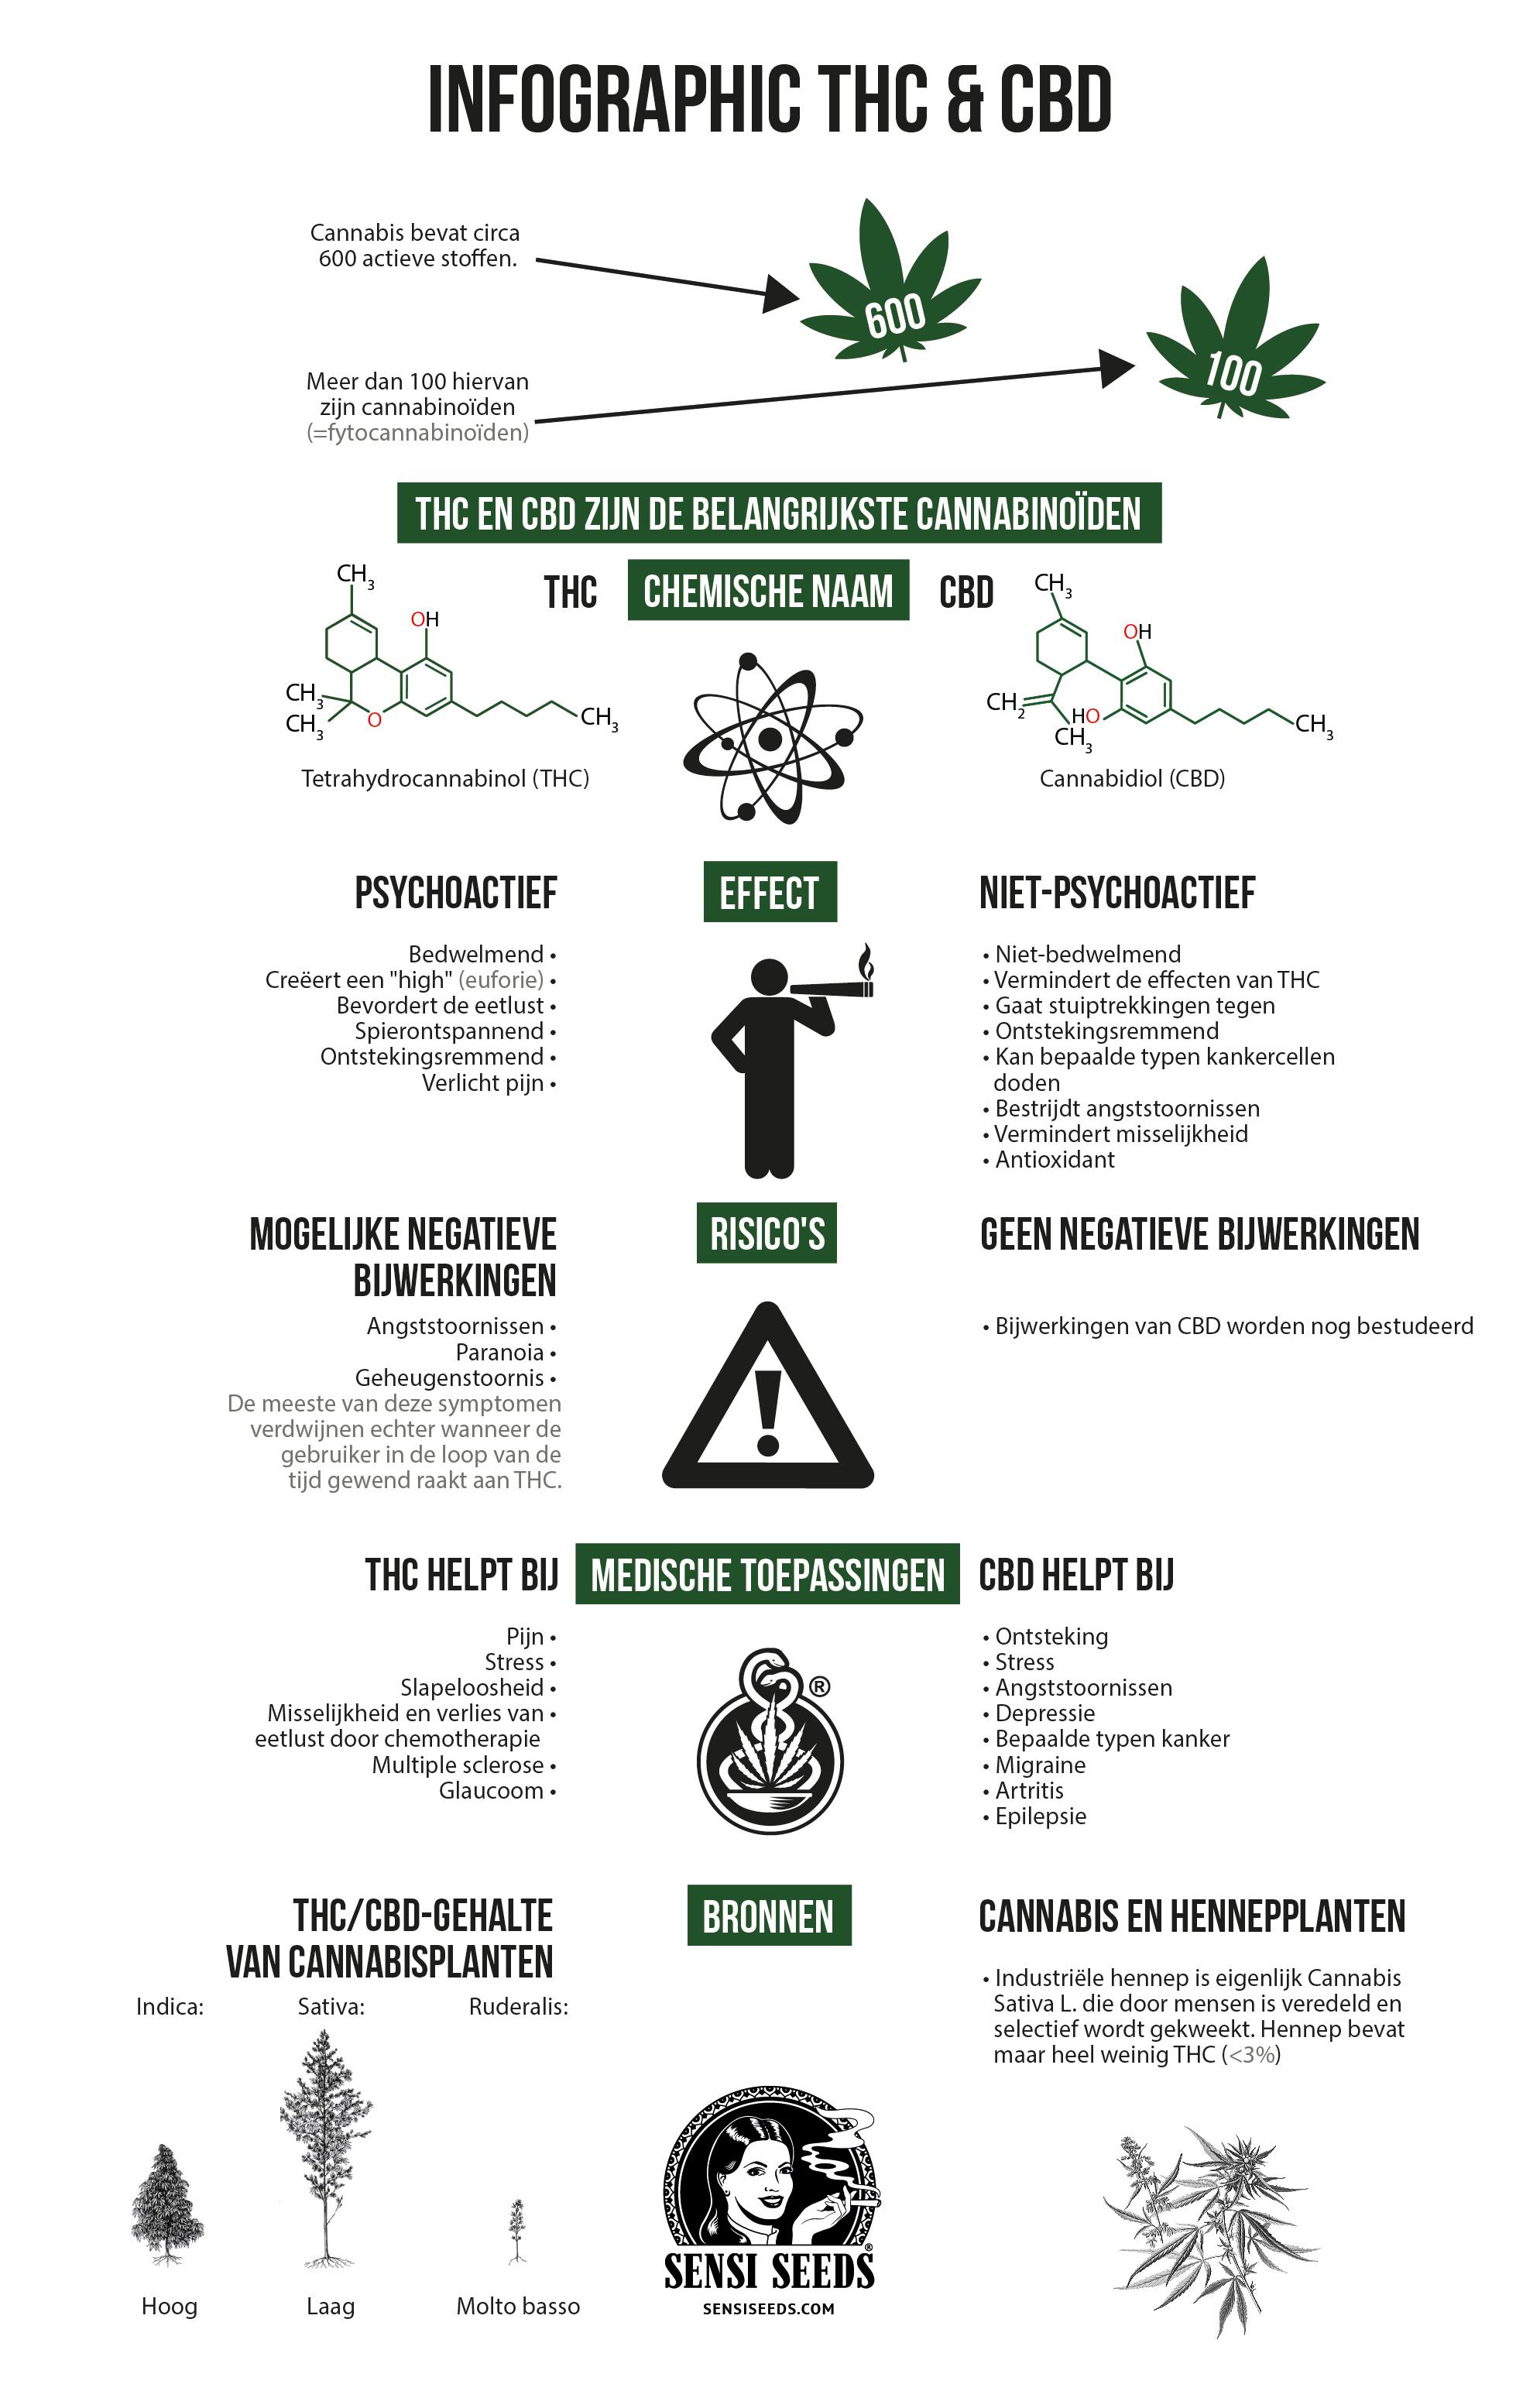 Infographic over de verschillen tussen tetrahydrocannabinol (THC) en cannabidiol (CBD). De vergelijking omvat (van boven naar beneden) de chemische formule, de effecten, de risico's, de medische toepassingen en de bronnen.